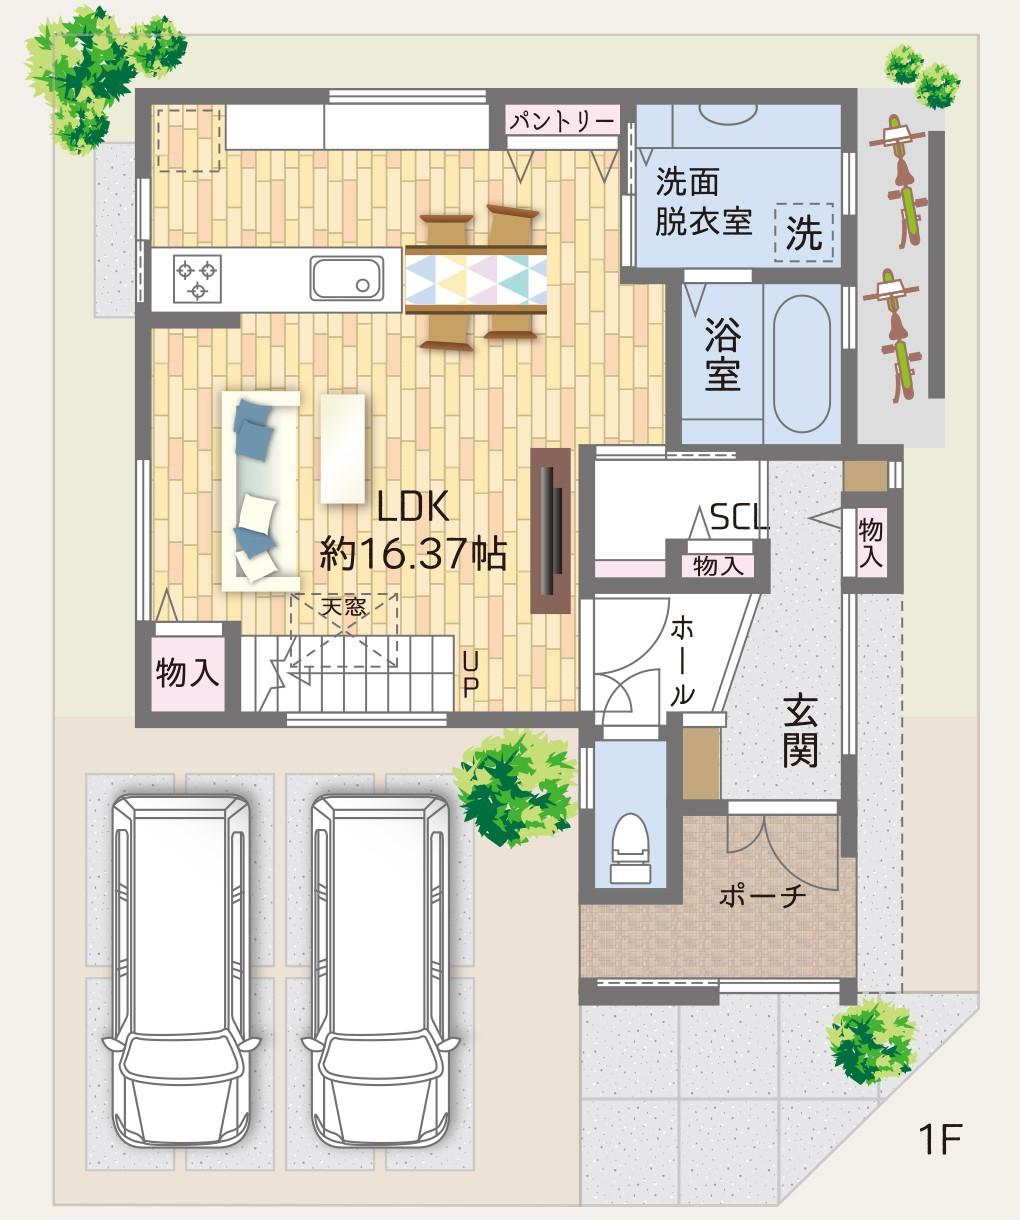 岸和田市春木若松モデルハウス 間取り図 1階